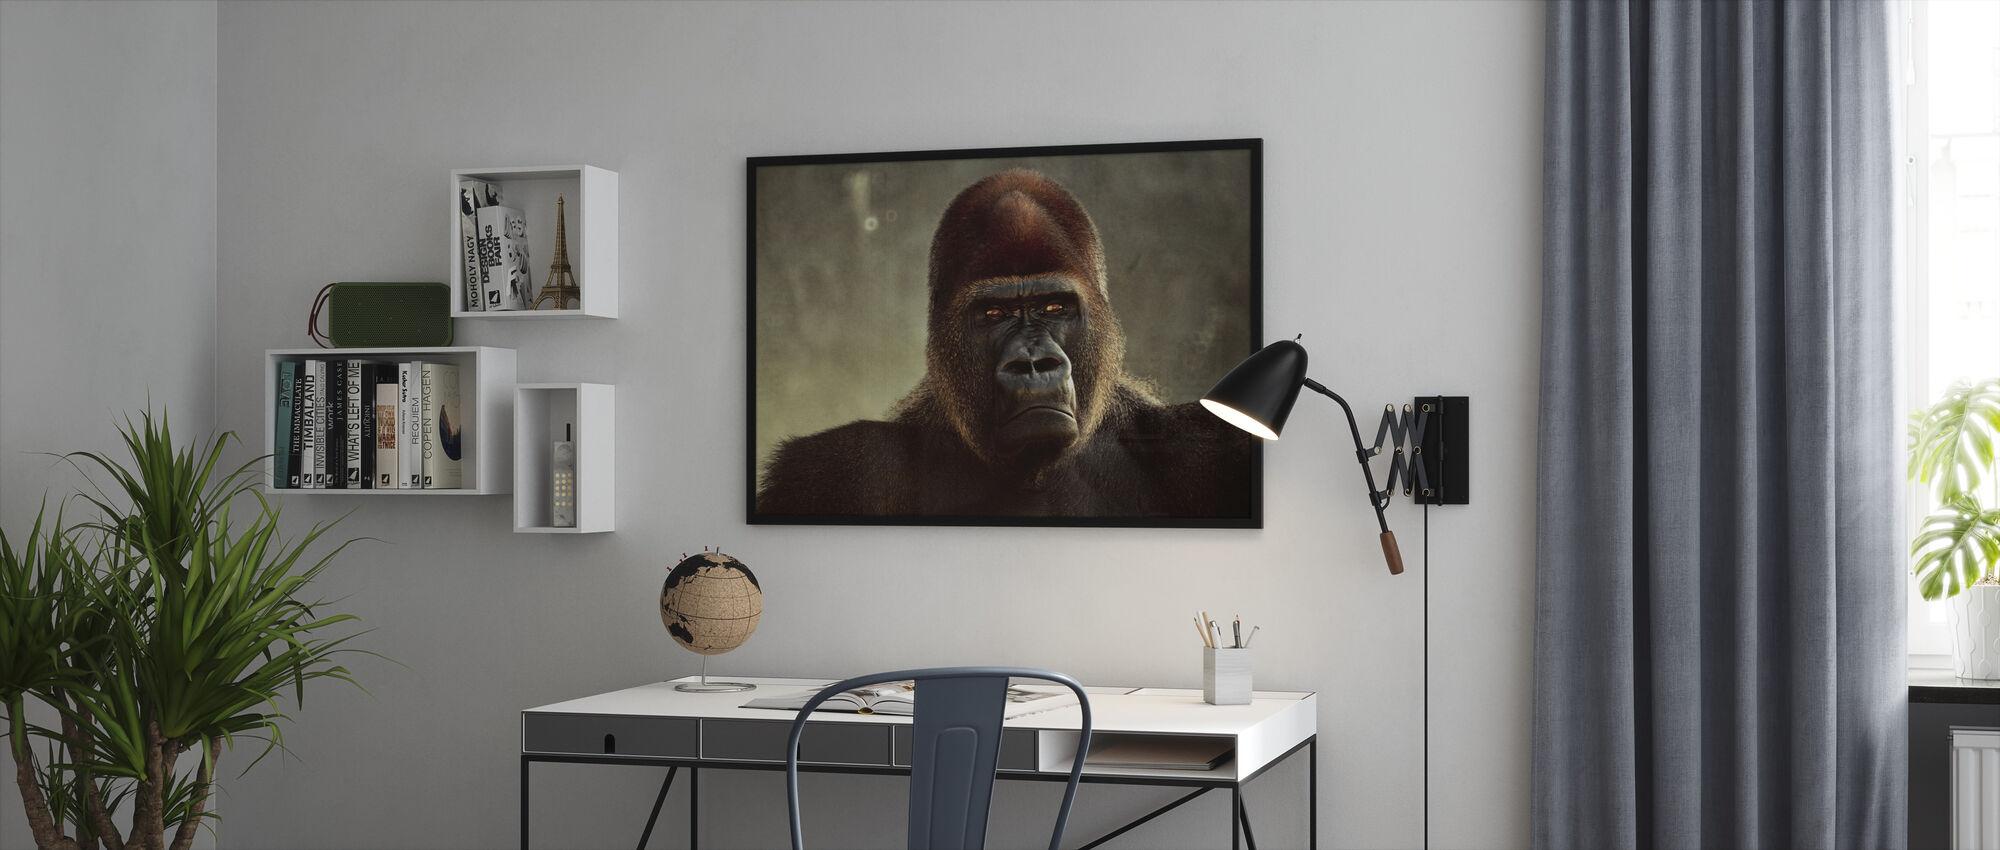 Mektige Gorilla - Innrammet bilde - Kontor